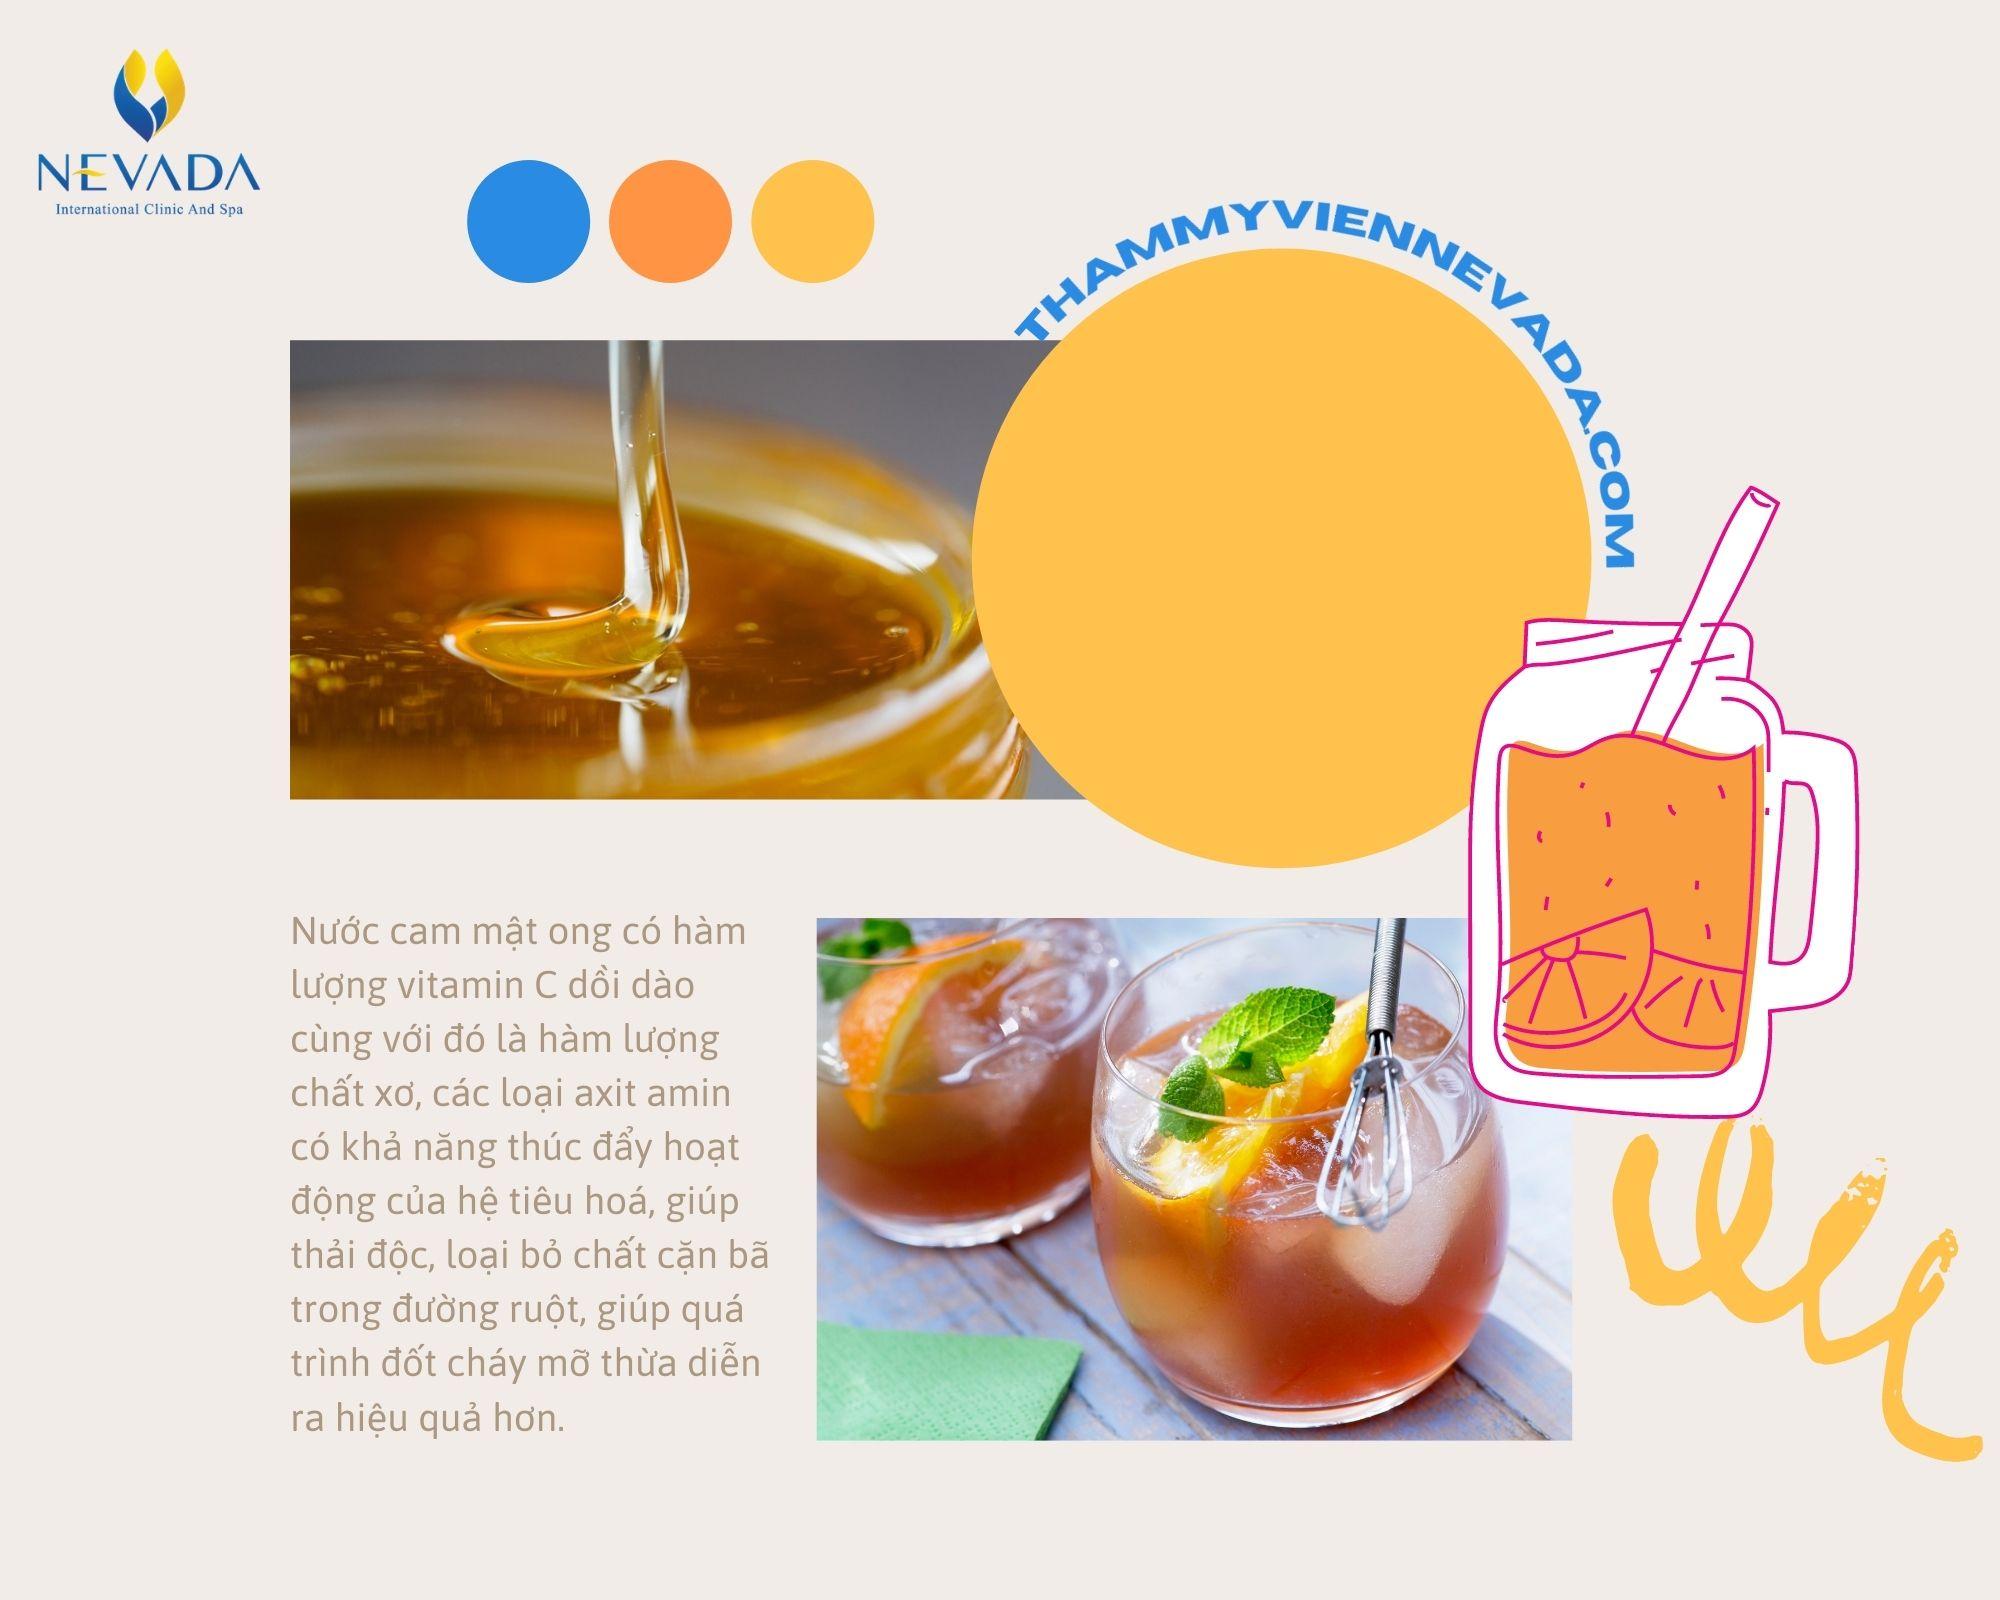 cam mật ong giảm cân, nước cam mật ong giảm cân, cam và mật ong giảm cân, uống cam mật ong giảm cân, giảm cân bằng nước cam mật ong, uống nước cam với mật ong có giảm cân không, uống mật ong với cam có giảm cân không, cách làm nước cam mật ong giảm cân